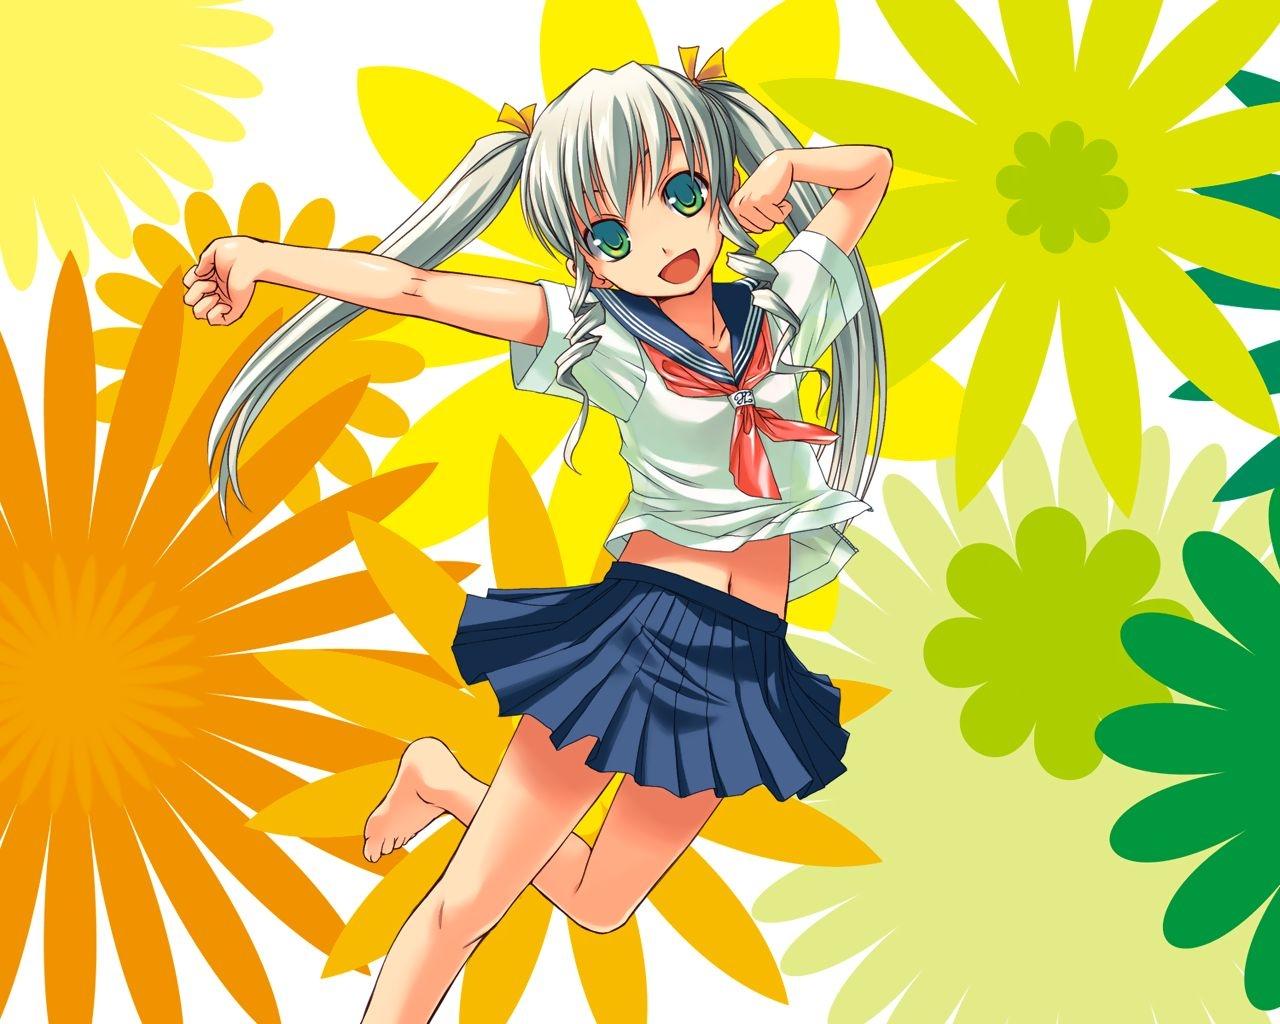 Fondos De Pantalla : Ilustración, Flores, Anime, Dibujos